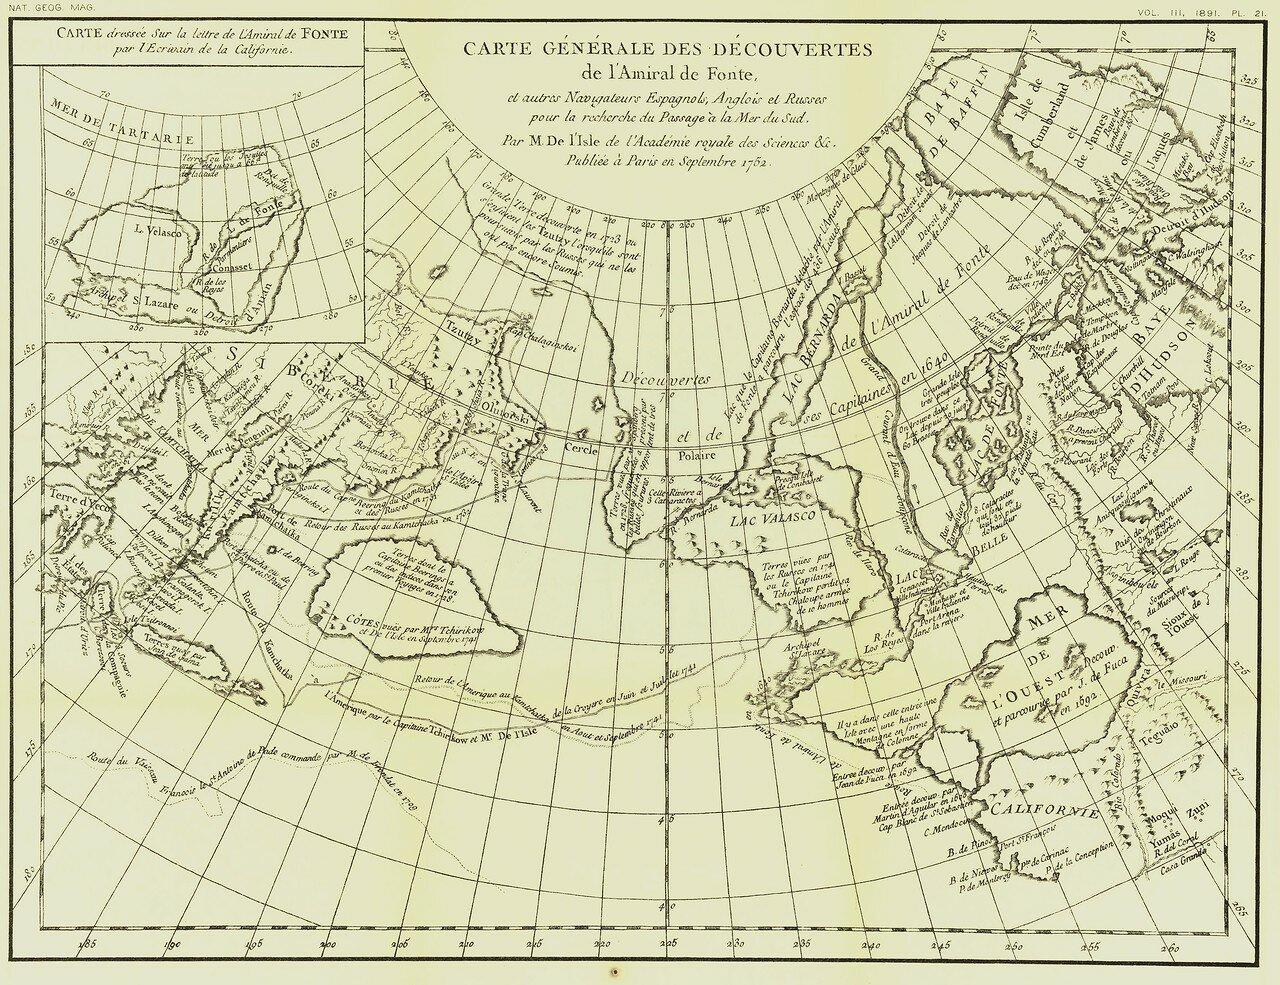 1762. Генеральная карта открытий вице-адмирала Бартоломео де Фонте